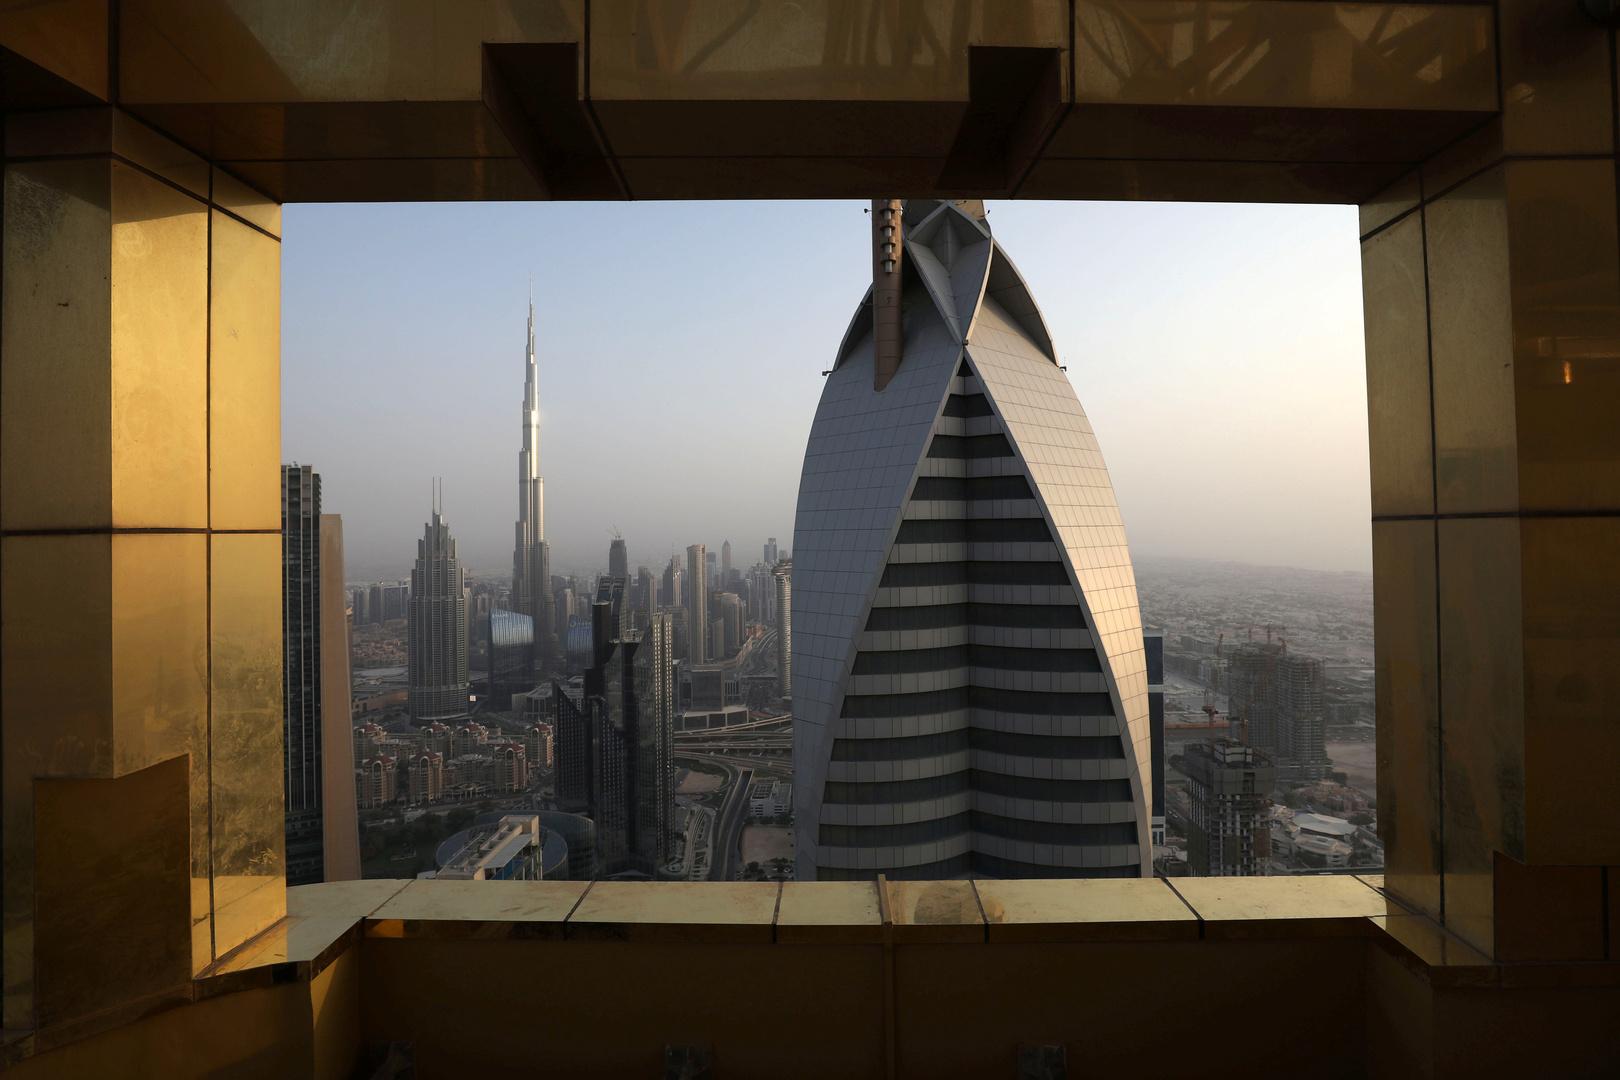 حكومة دبي تعلن حزمة تحفيزية جديدة لمساعدة الاقتصاد في زمن كورونا